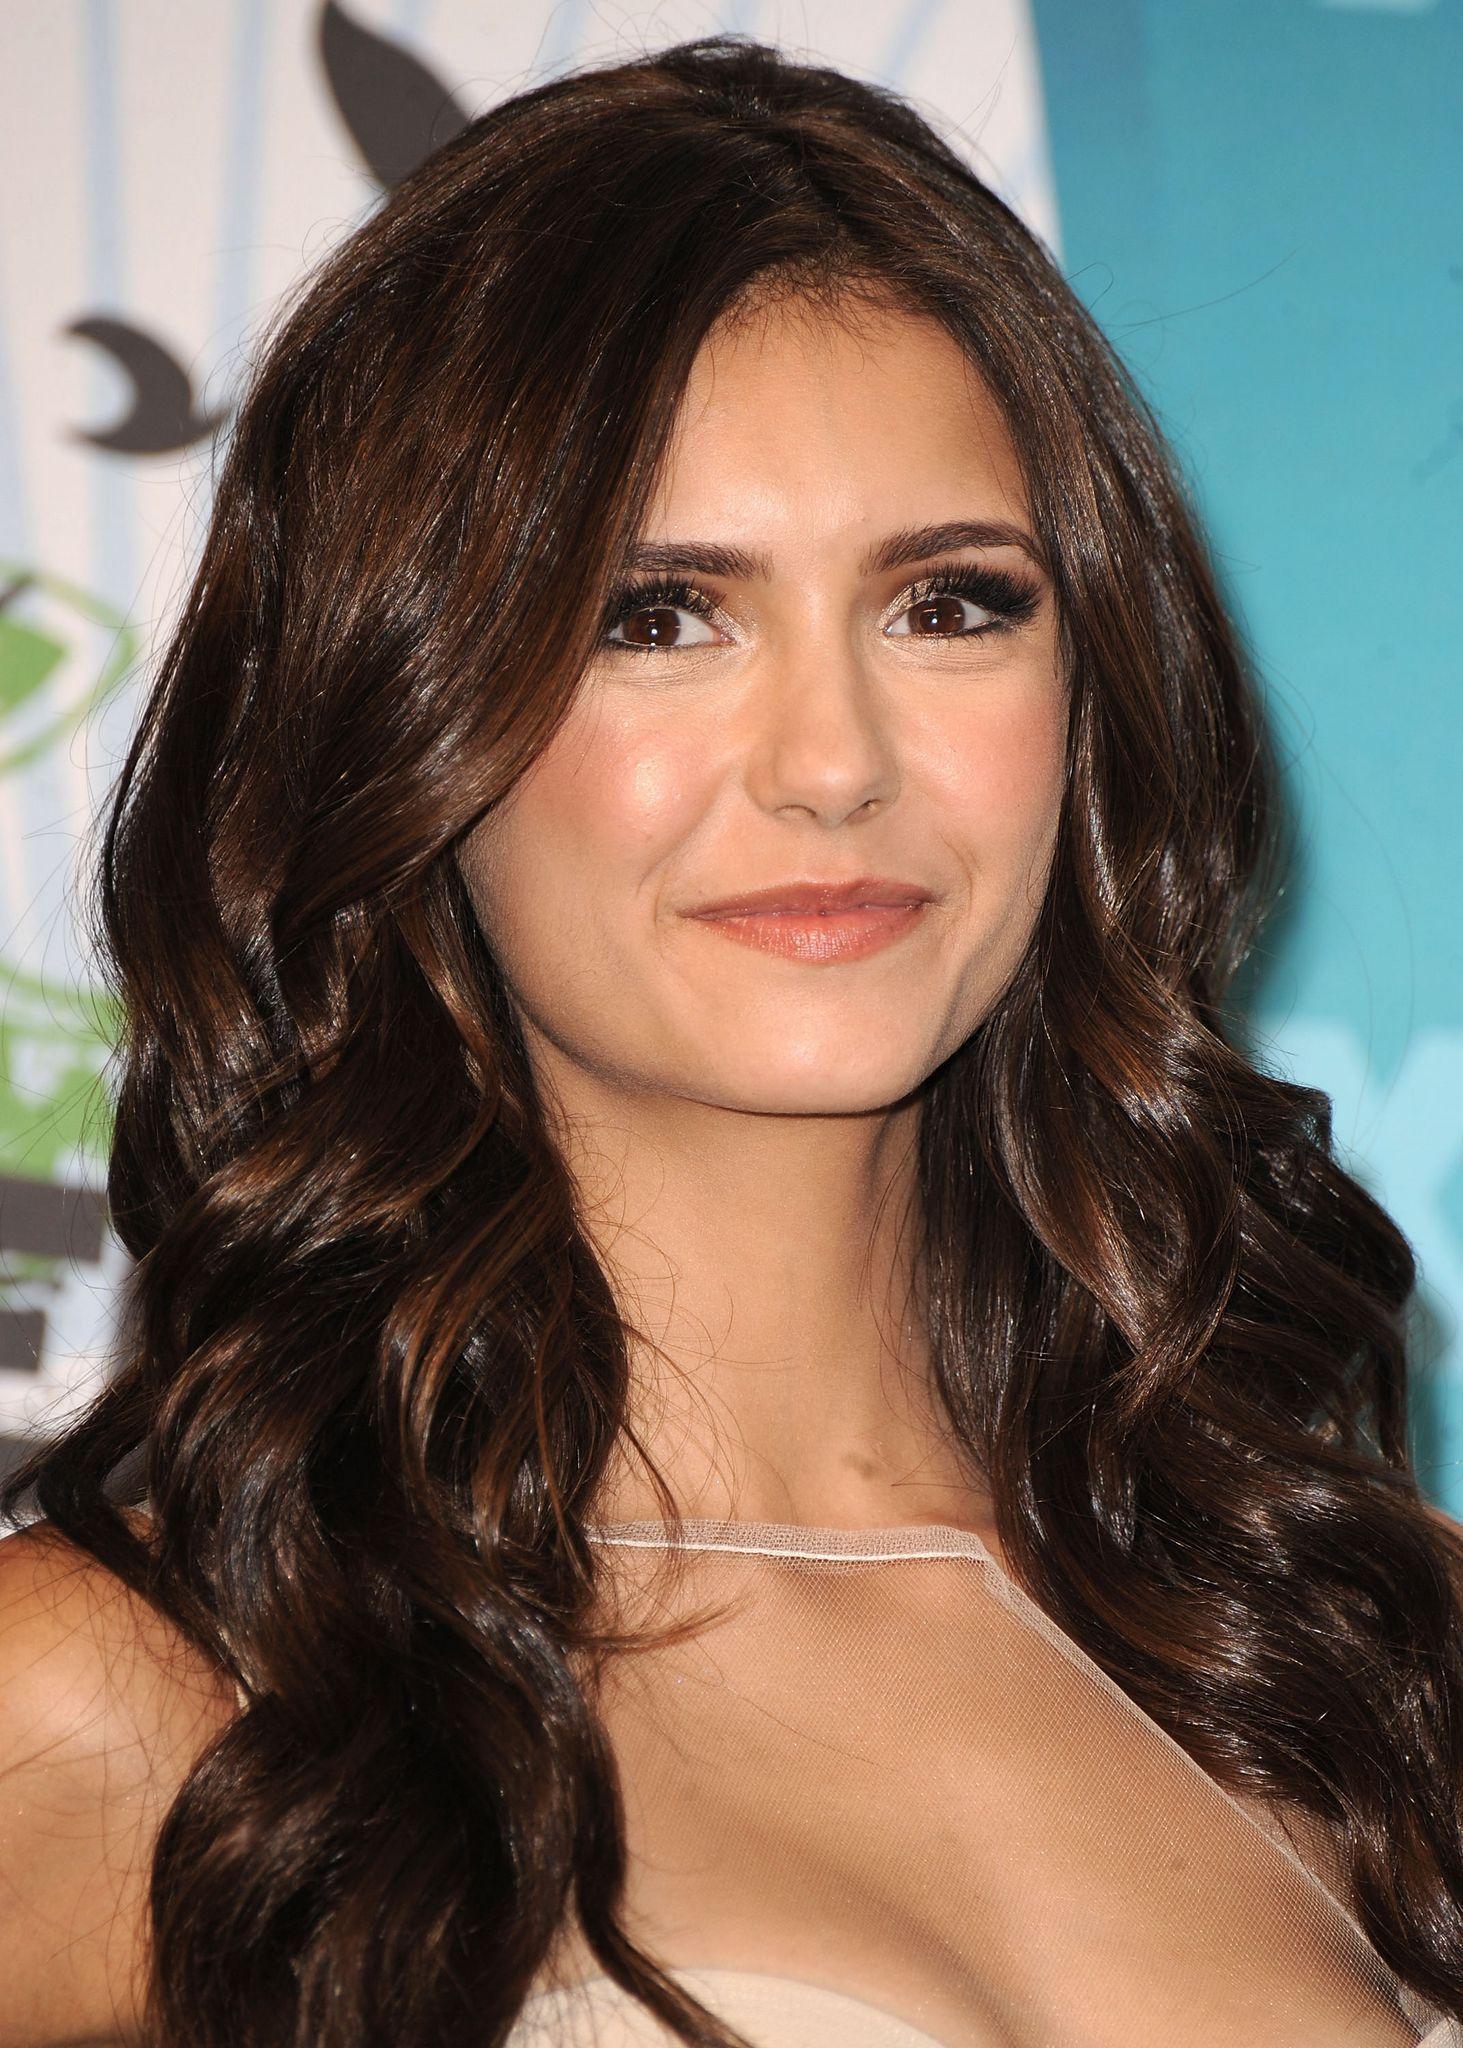 Nina Dobrev Teen Choice Awards 2010 :]